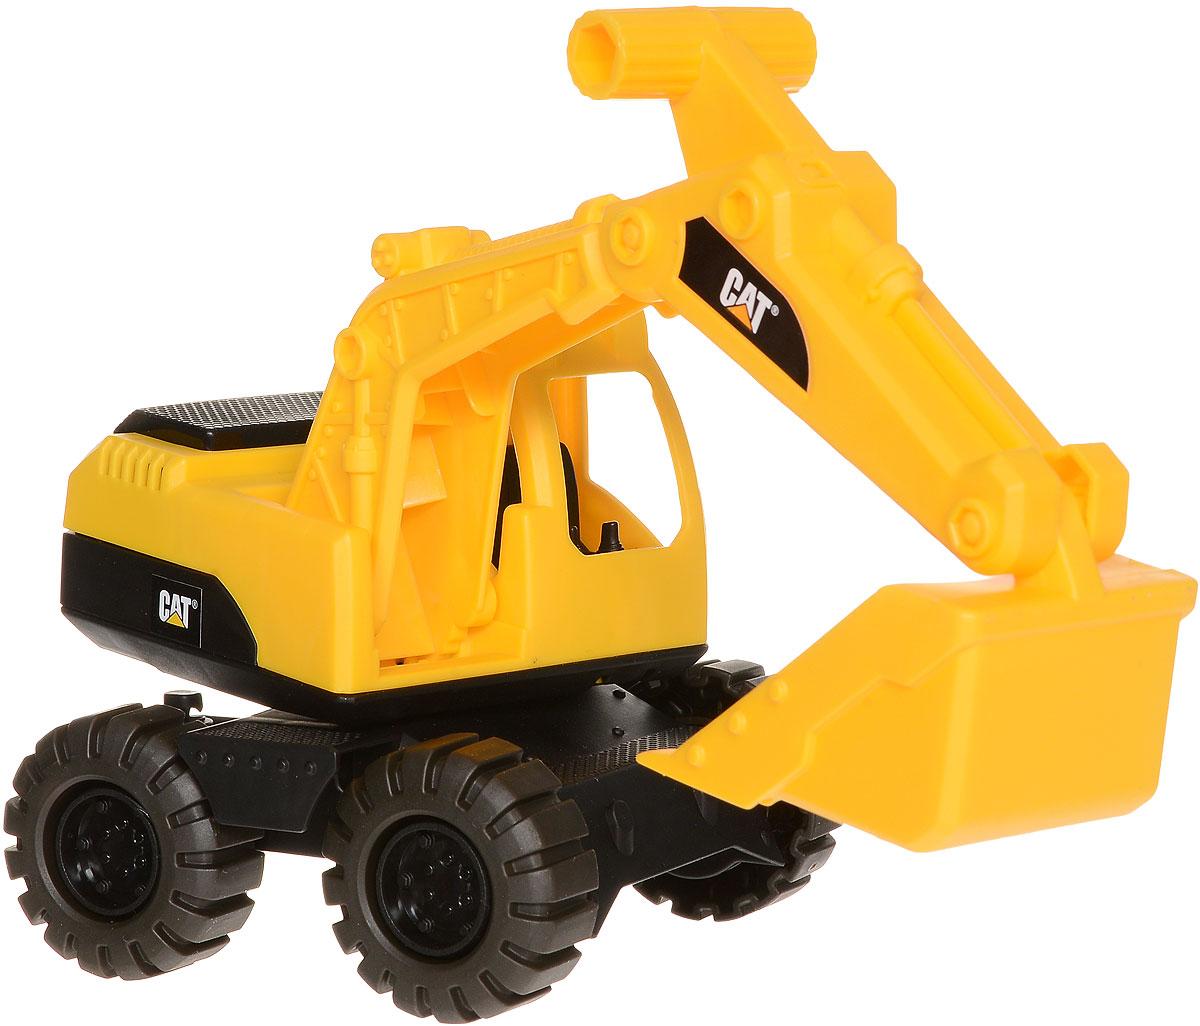 Toystate Экскаватор Cat 82010TS82010TS_желтыйЭкскаватор Toystate Cat обязательно привлечет внимание вашего ребенка. Игрушка выполнена из прочного пластика, оснащена подвижными колесами, поворотной кабиной и поднимающейся стрелой. В процессе игры с машинкой ребенок развивает не только мелкую моторику рук, но и образное мышление, придумывая героев и обстоятельства для сюжета игры. Малыш проведет с этой игрушкой много увлекательных часов, воспроизводя свою стройку. Ваш ребенок будет в восторге от такого подарка!